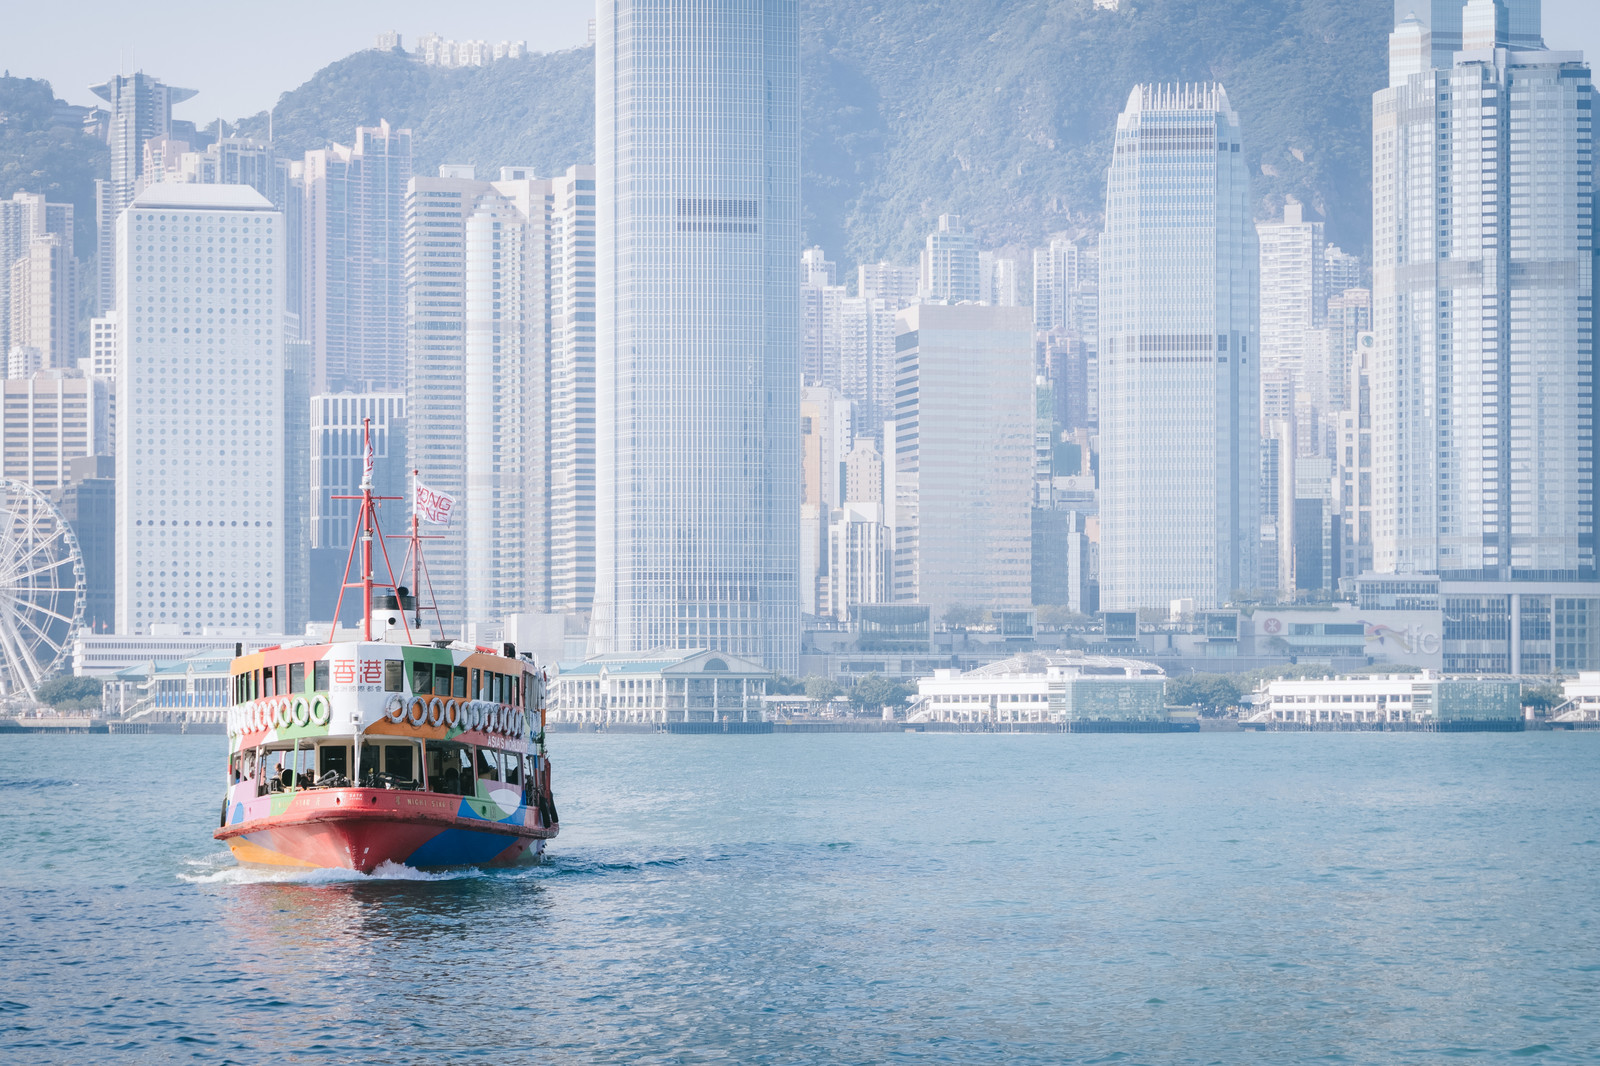 「香港のビル群と観光フェリー」の写真